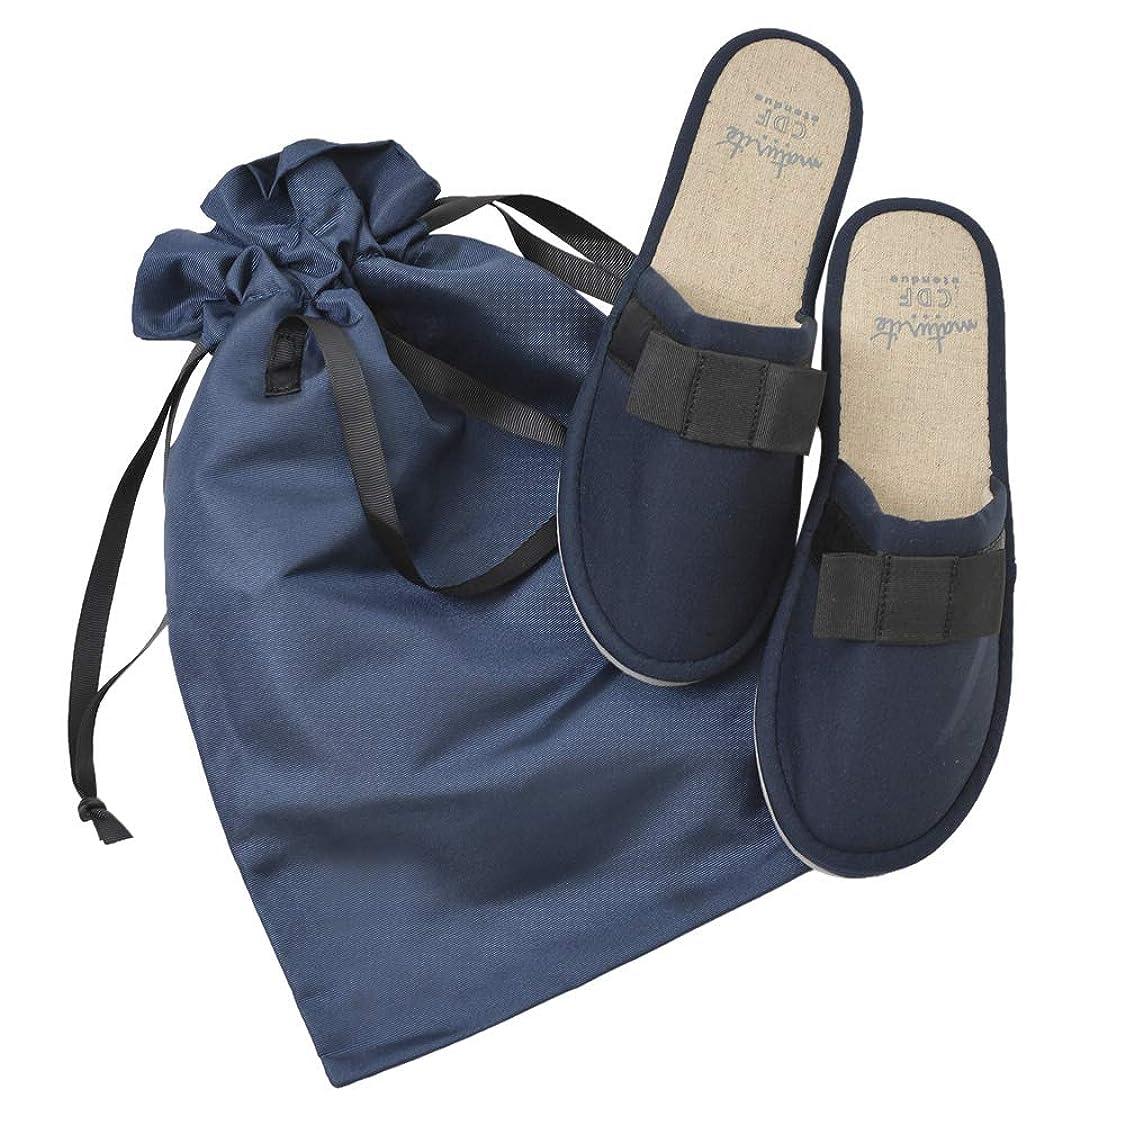 柔和クルーズ公平[ディーループ] フォーマル 巾着付き 携帯可能 リボンヒールスリッパ セット レディース 冠婚葬祭 母親 120424